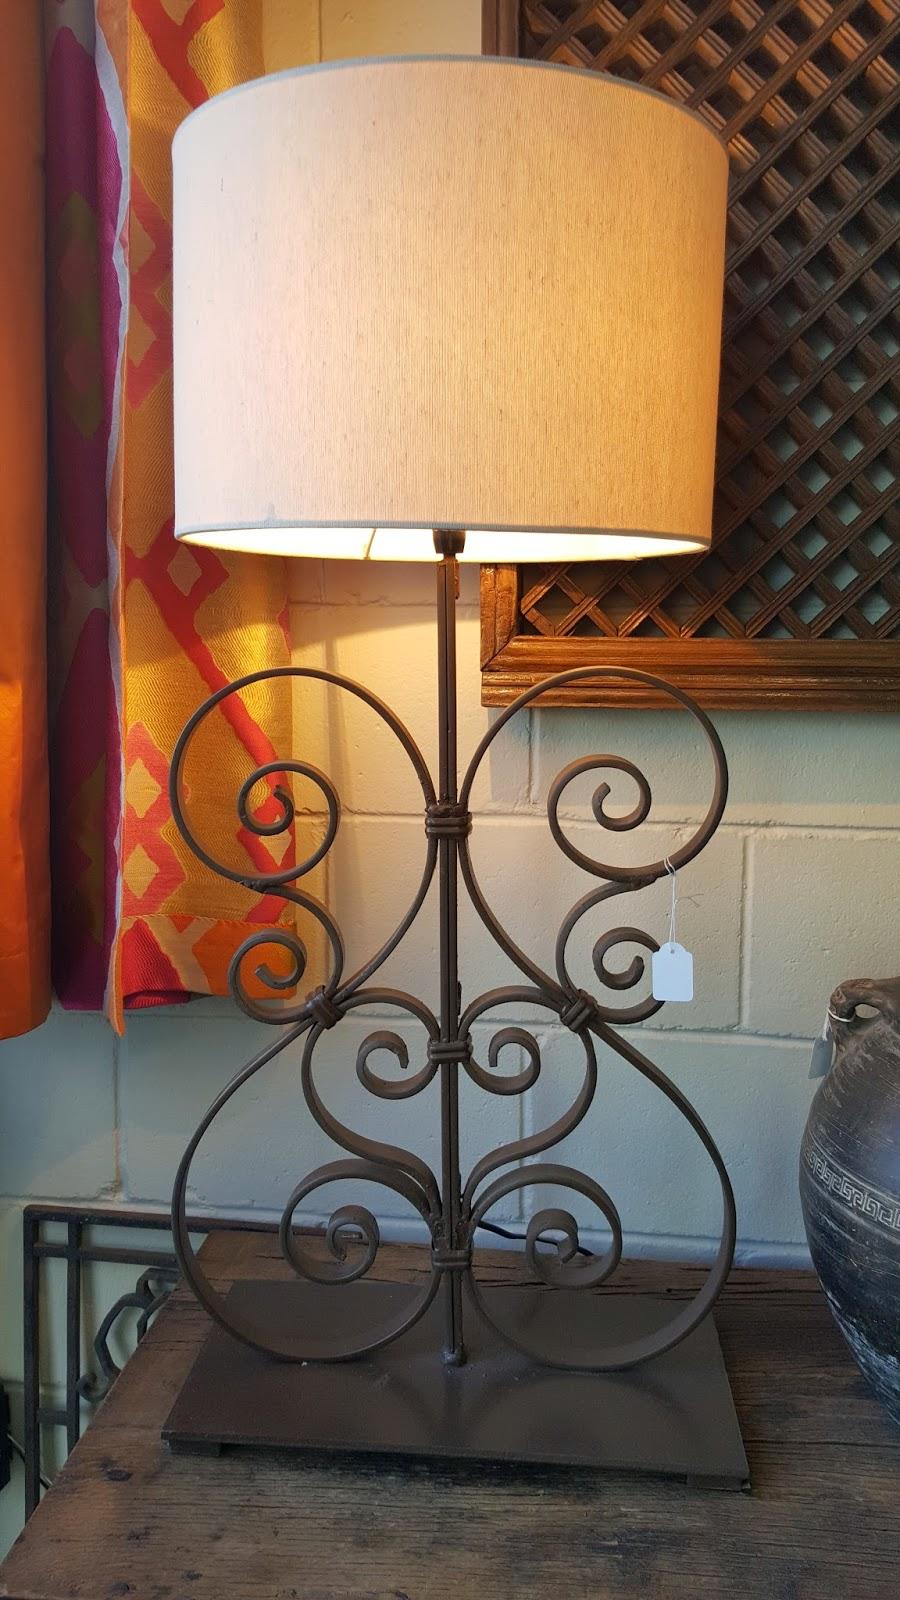 antiques brisbane, asian furniture brisbane, interior design brisbane, interior designer, unique furniture brisbane